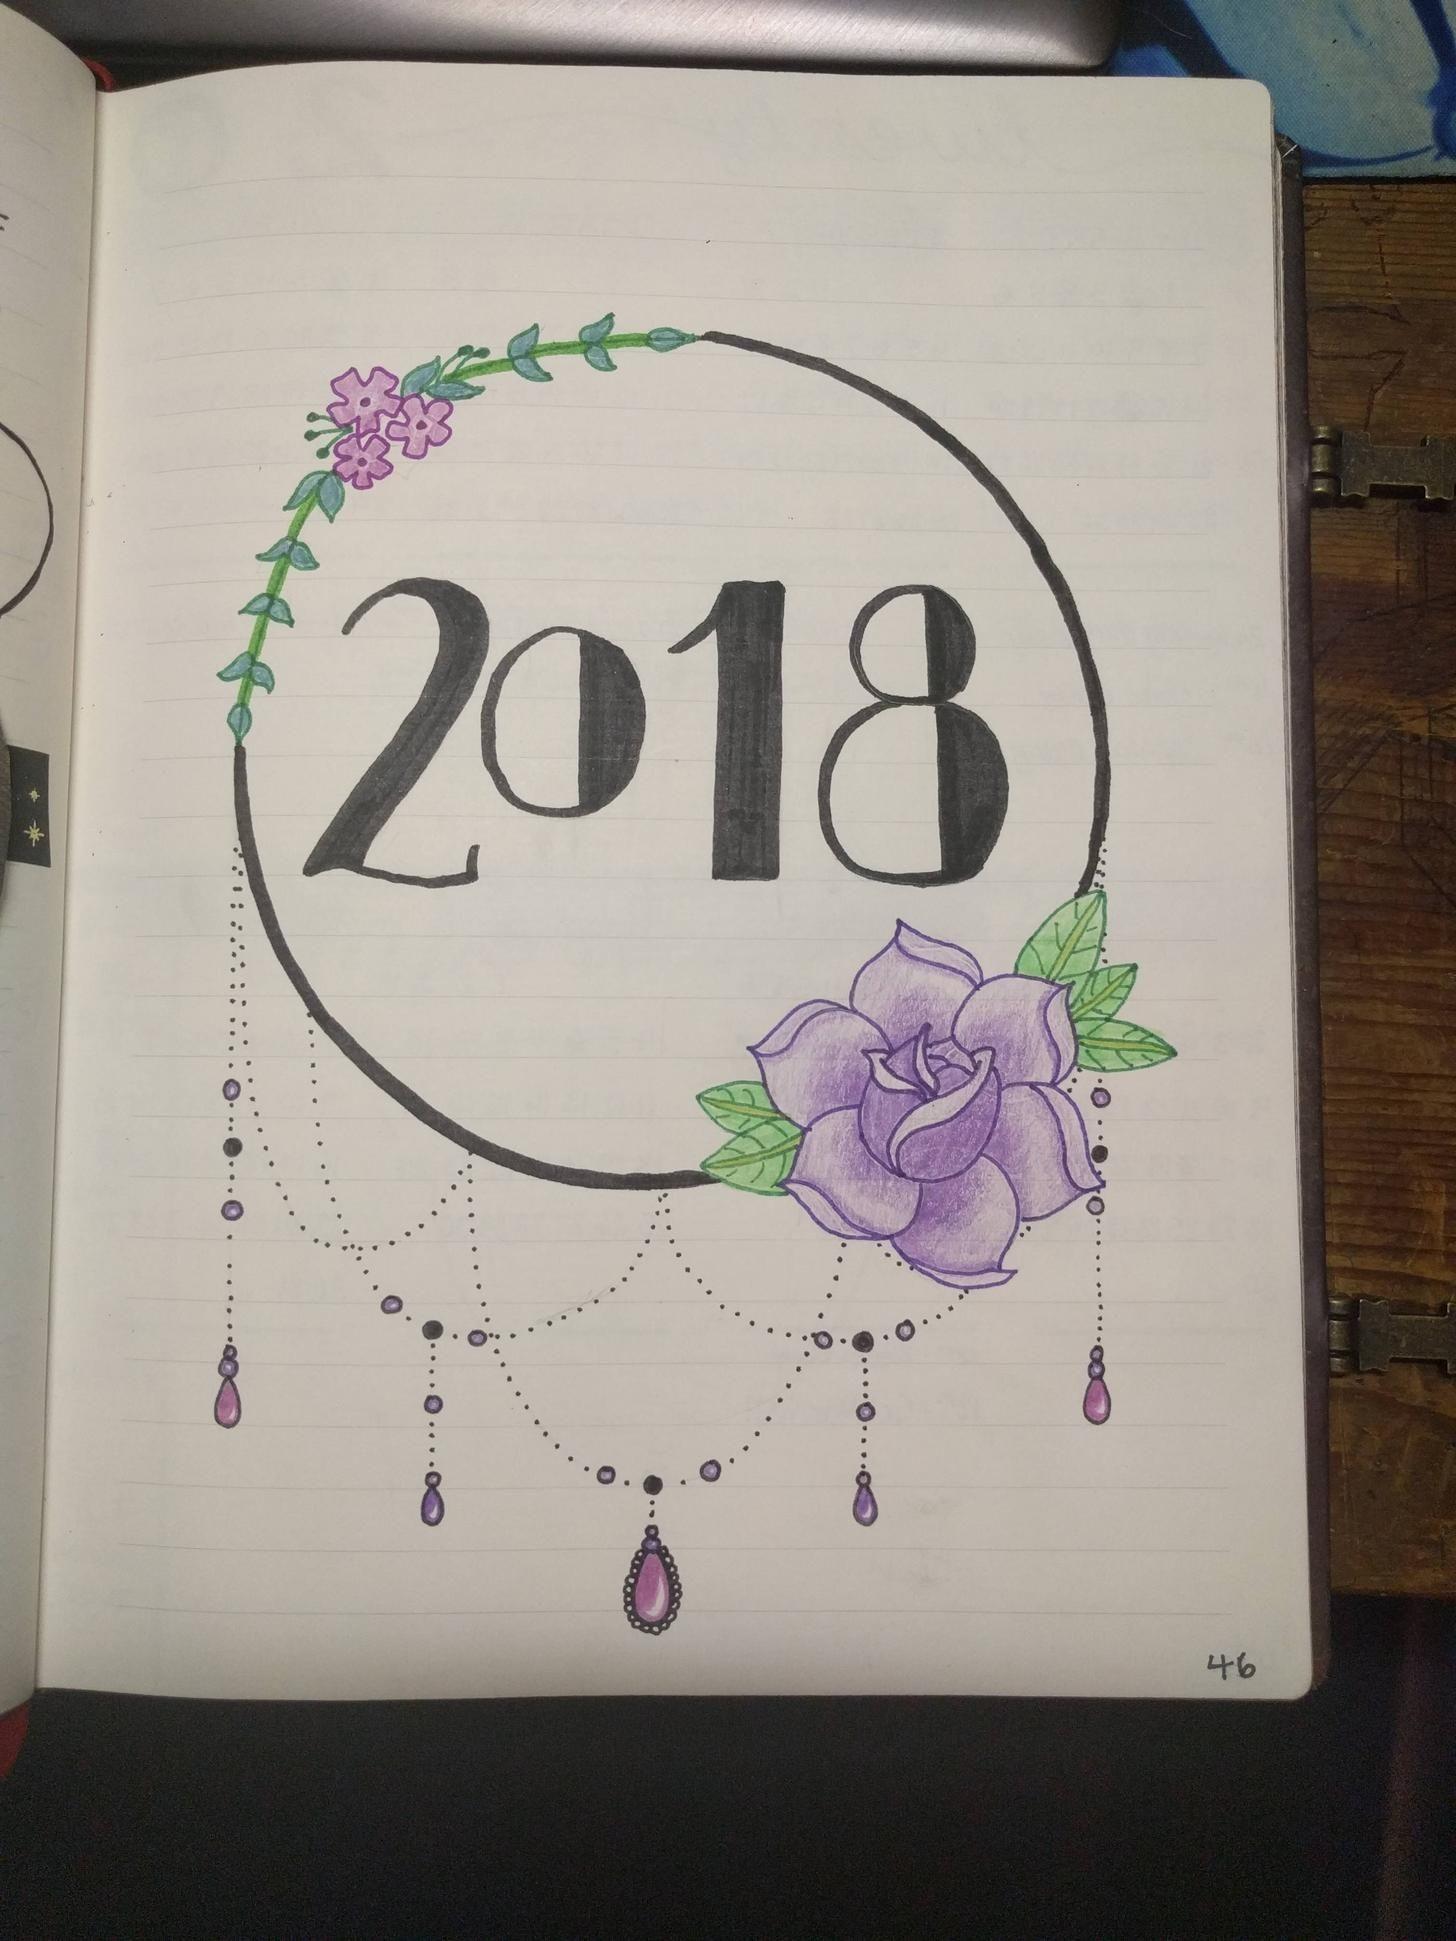 2018 cover page Jornalismo Escrita Diy Livros Decora§£o De Caderno Artigos De